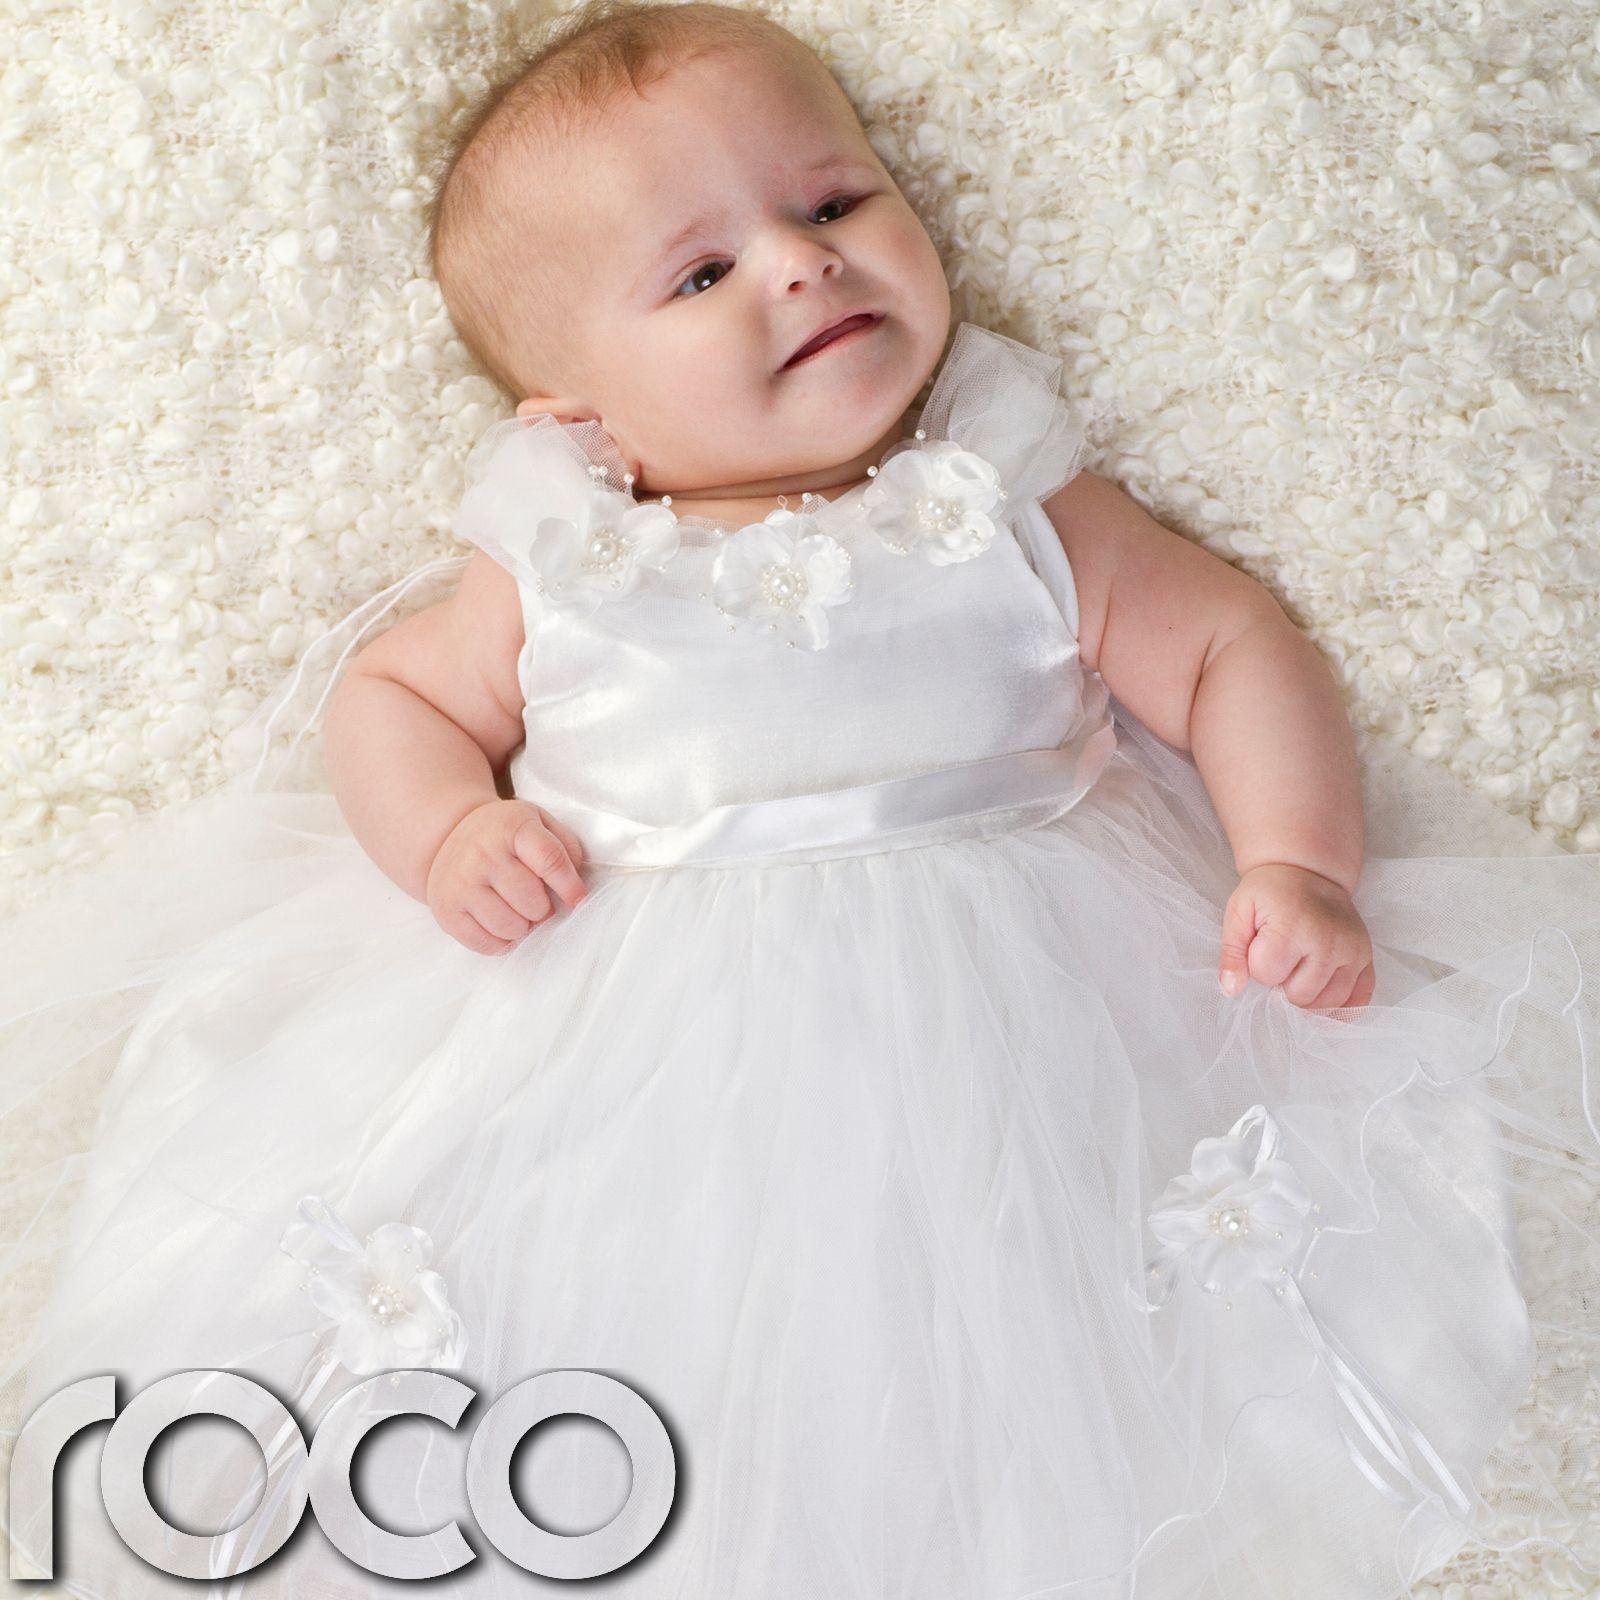 White wedding dress for baby girl